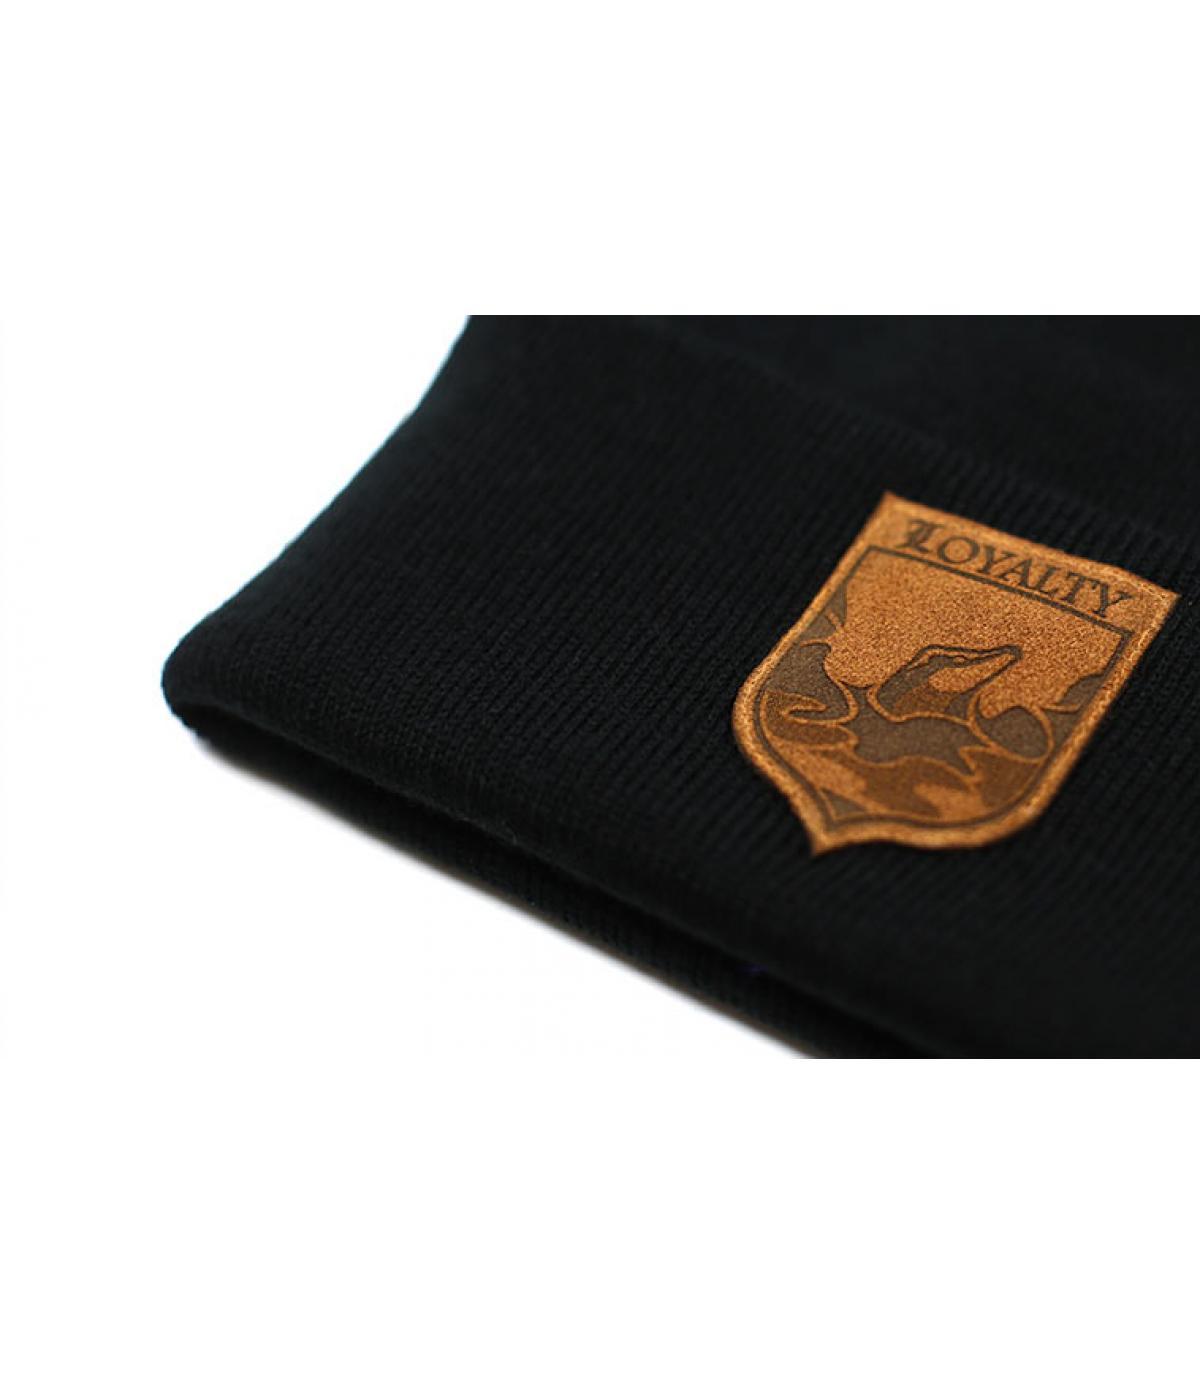 Détails Bonnet Loyalty black - image 3